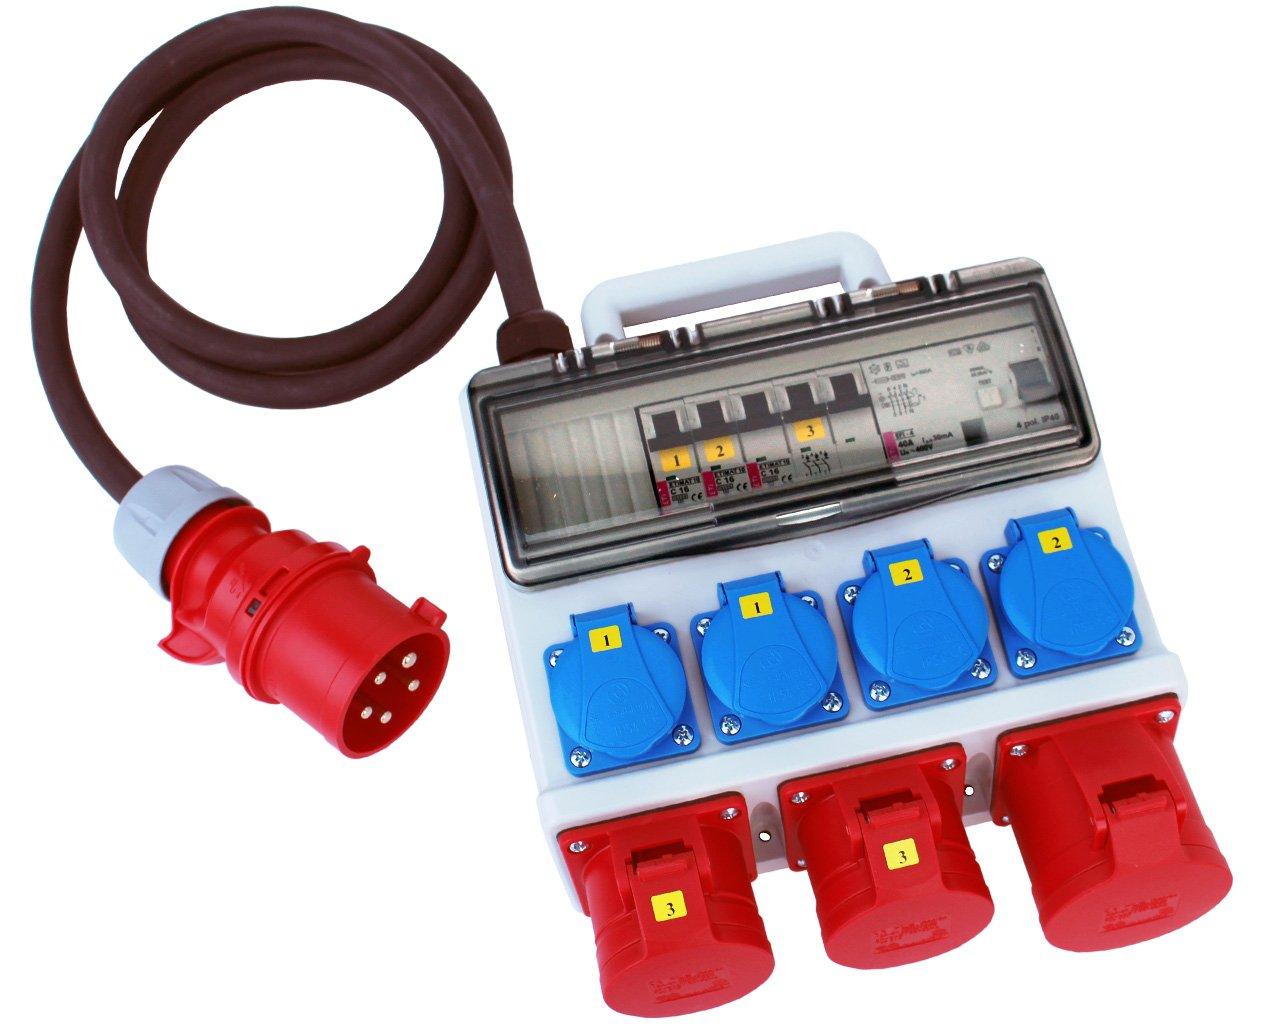 Stromverteiler 32A 400V 4 x 230V 2 x 16A 1 x 32A FI-Absicherung Baustromverteiler Starkstrom Verteiler H07RN-F 5x4mm